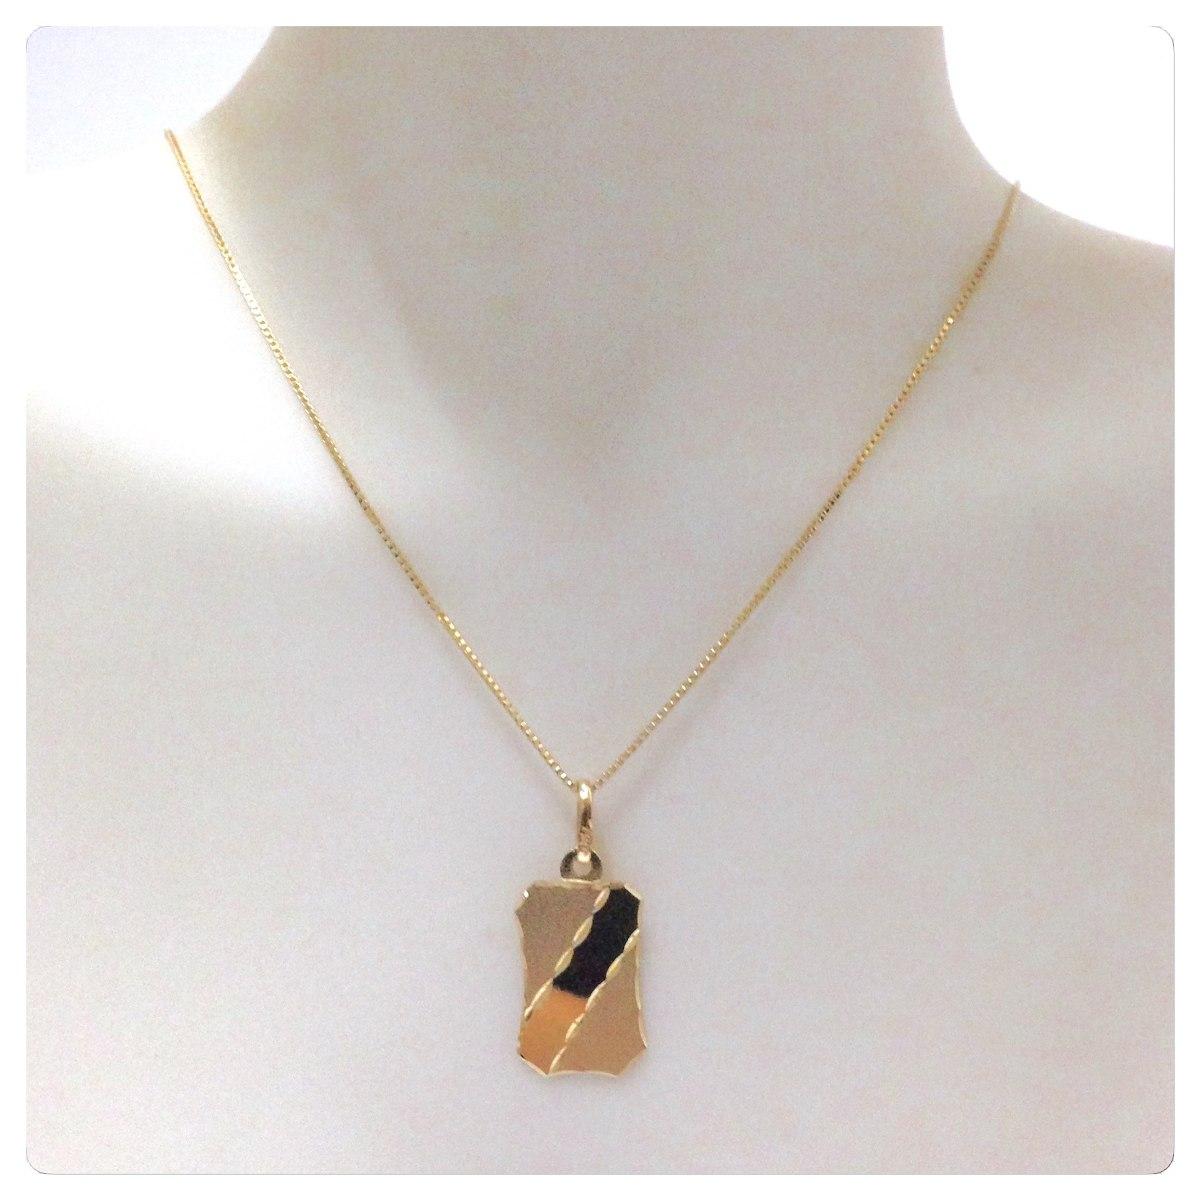 corrente veneziana masculino 60 cm e pingente placa ouro 18k. Carregando  zoom. 6025543e7c